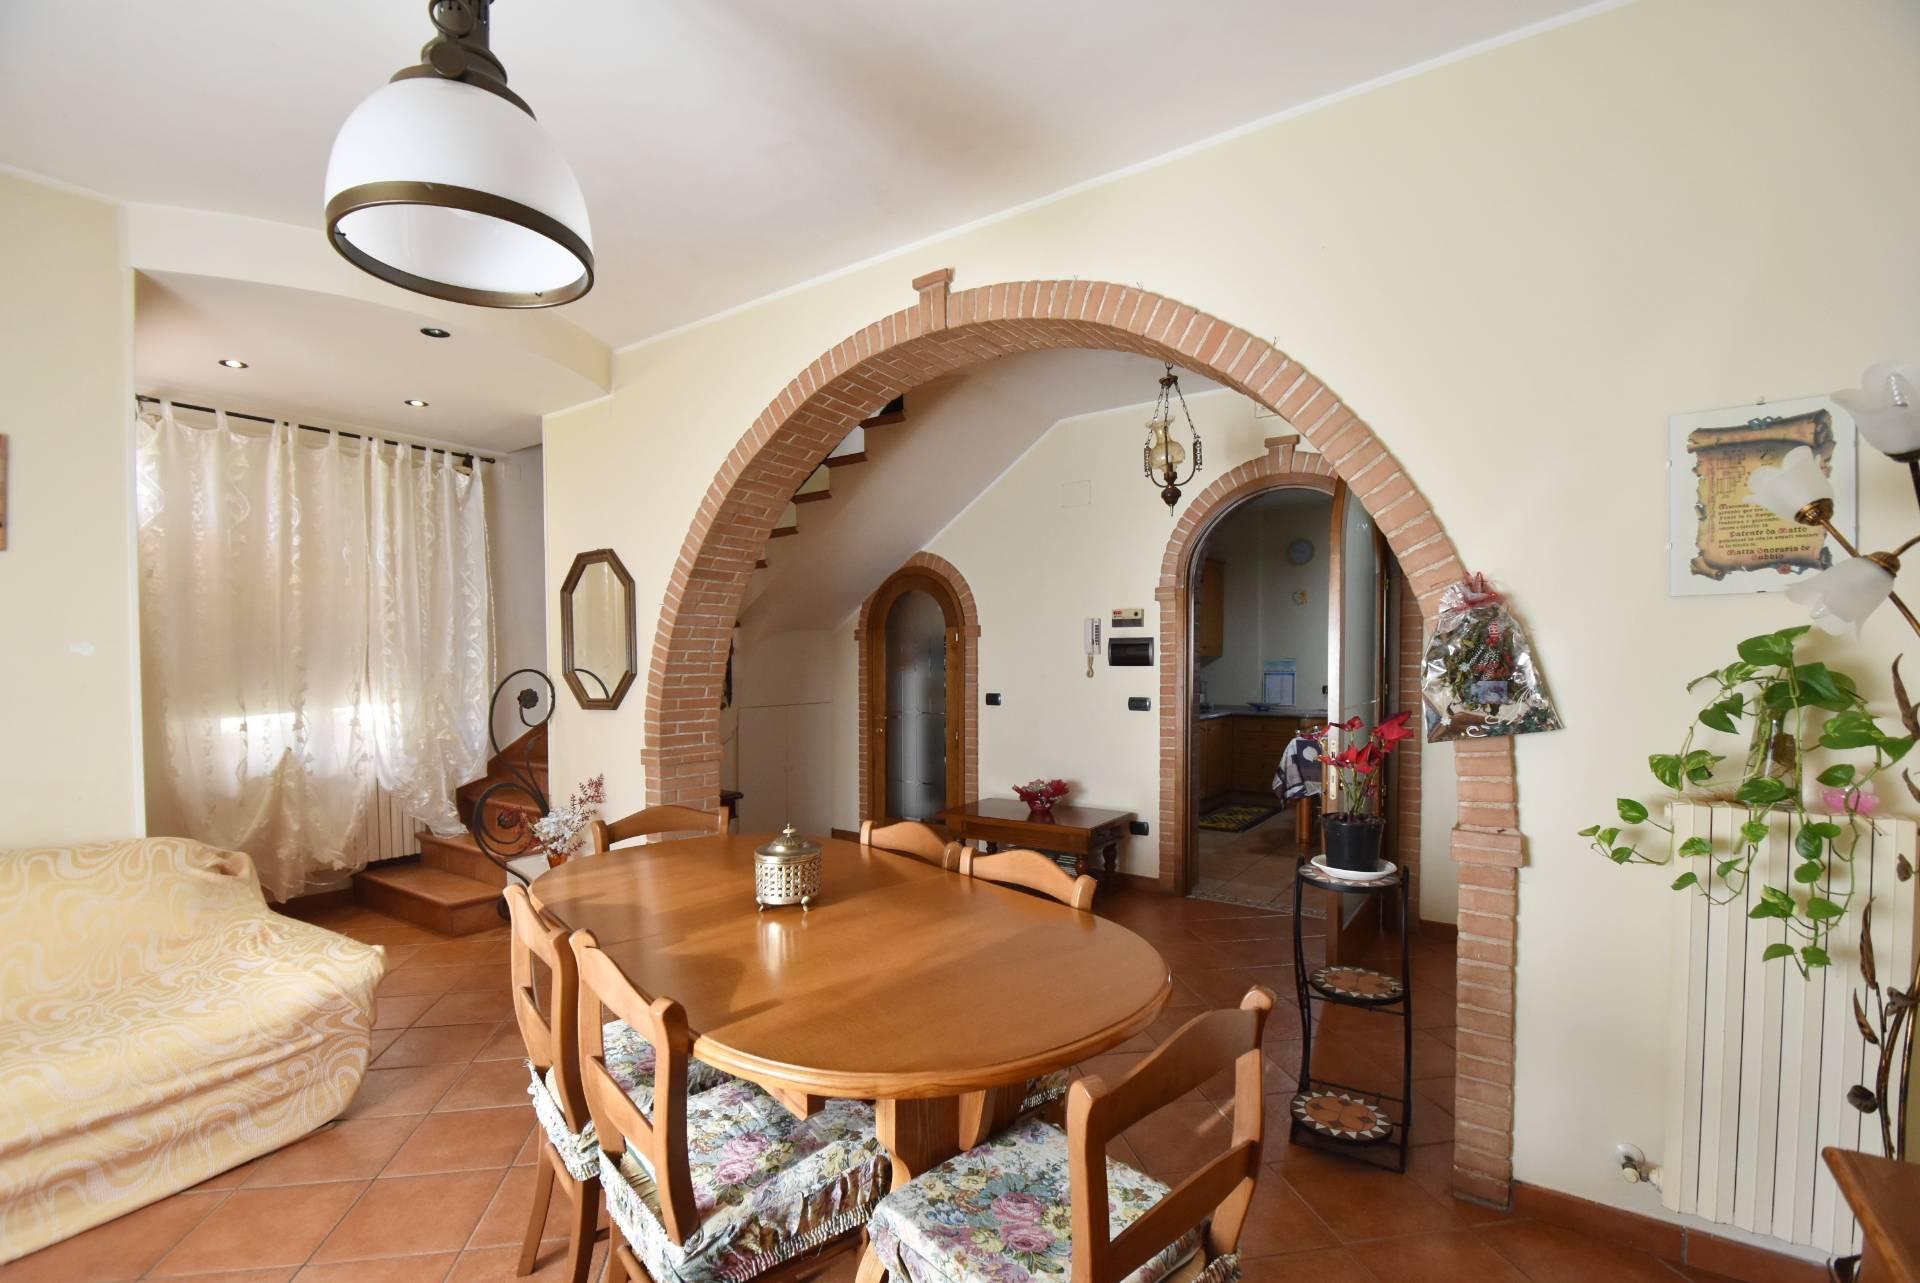 Soluzione Indipendente in vendita a Corridonia, 8 locali, zona Località: SanClaudio, prezzo € 150.000 | Cambio Casa.it